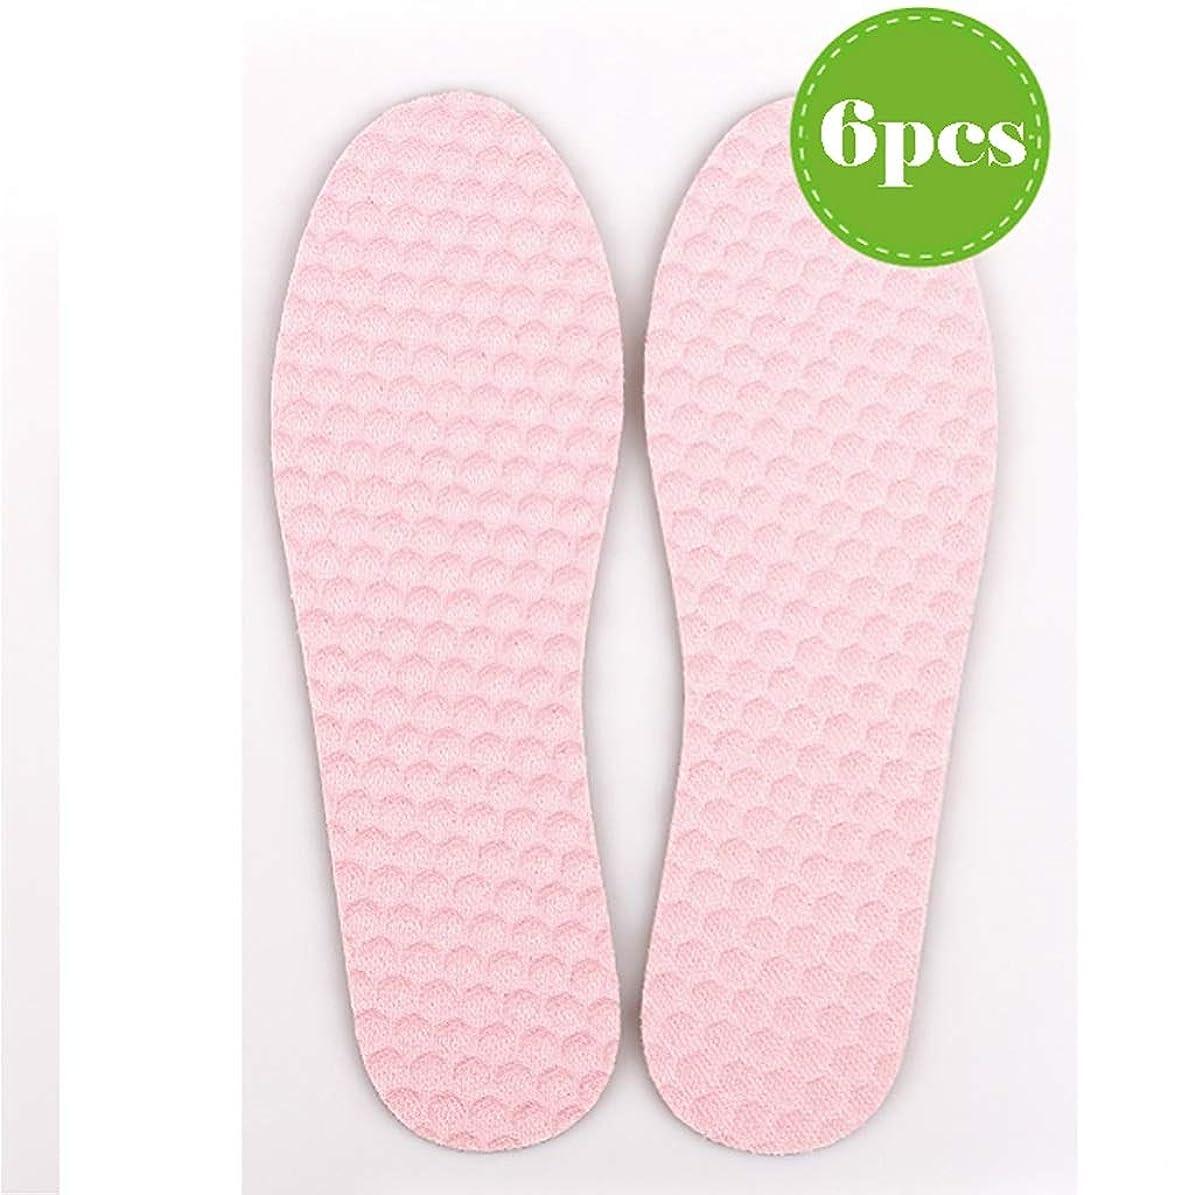 レイアウト動力学コマース作業靴 6足のスポーツインソール、快適なマッサージインソール、汗/消臭剤/通気性/ウォーキング/ランニングとハイキング 安全靴 (Color : F, Size : 43)